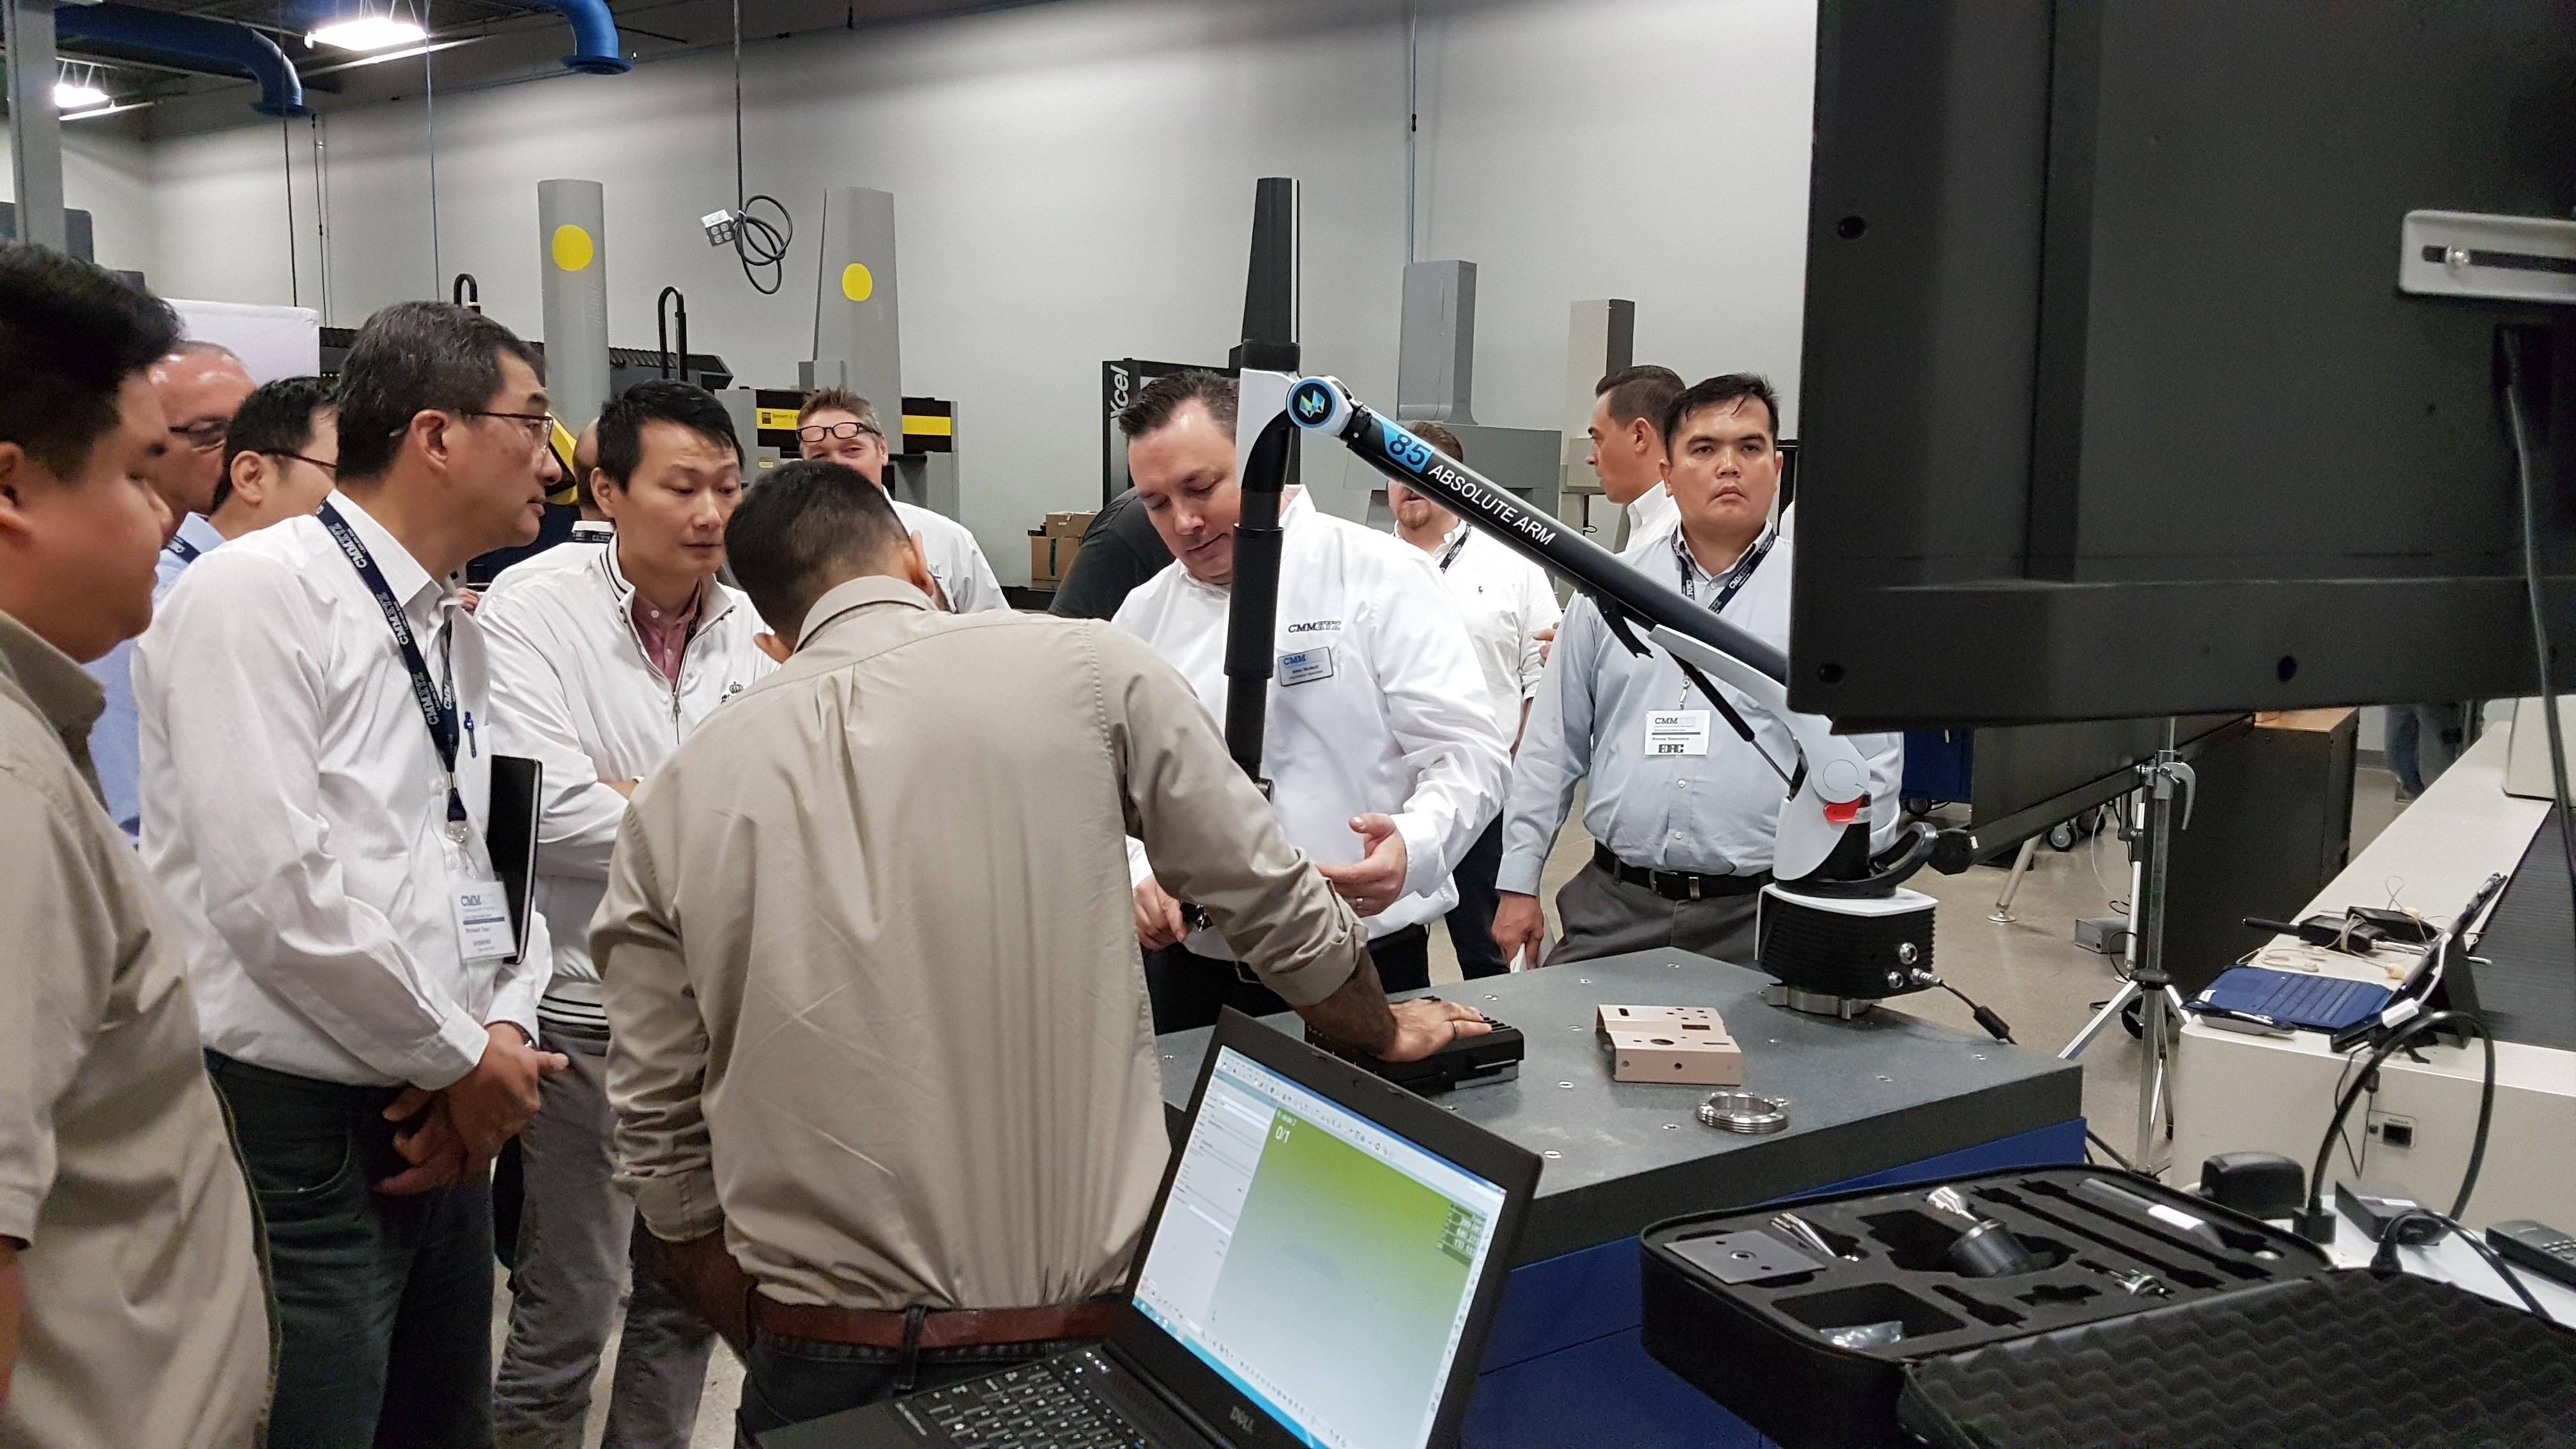 CMMXYZ Allan McNeill demonstrating Hexagon 85 Series Absolute Scanning Arm